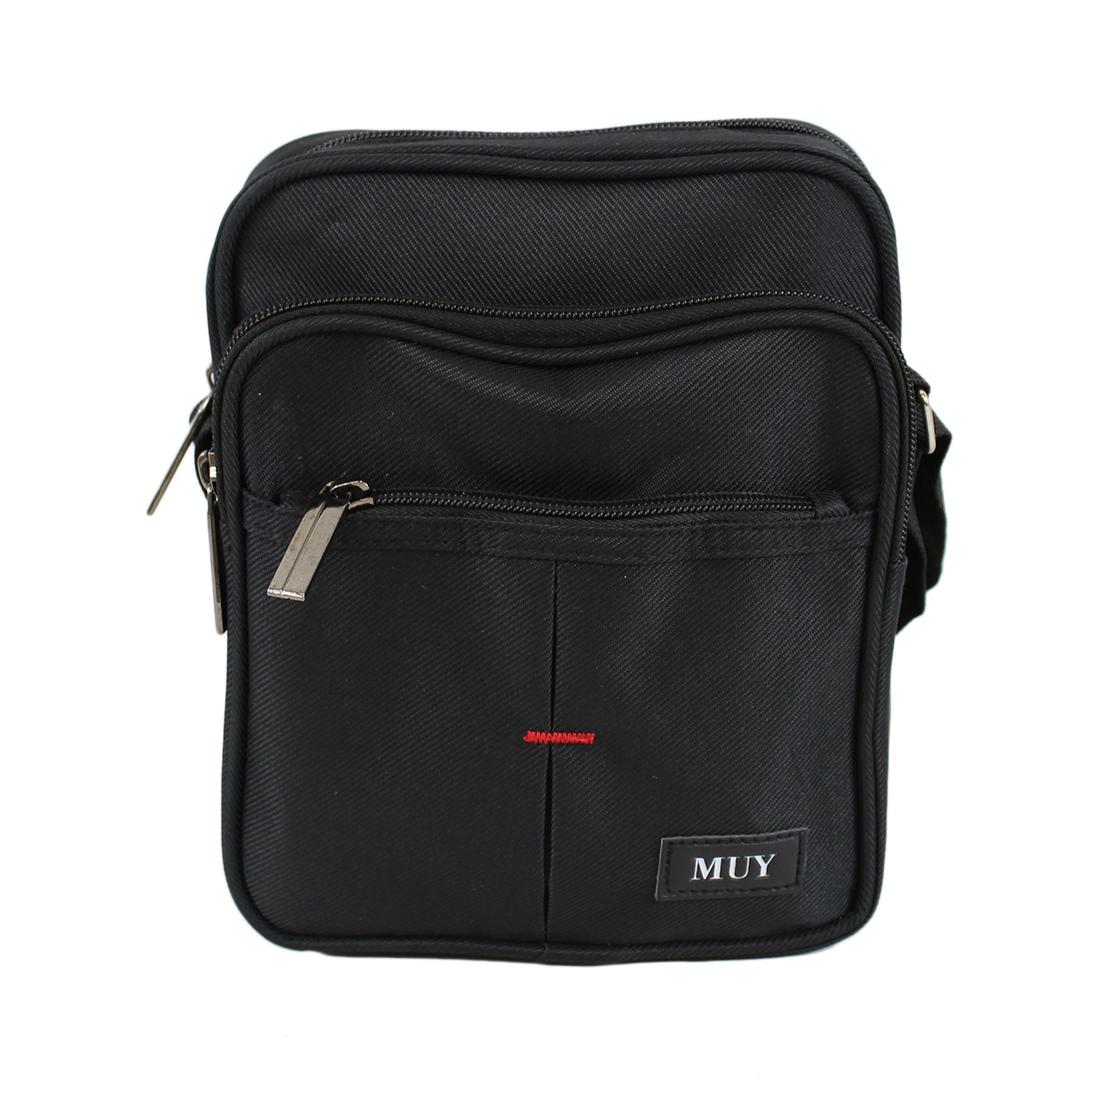 Cross Bag with 3 Zips